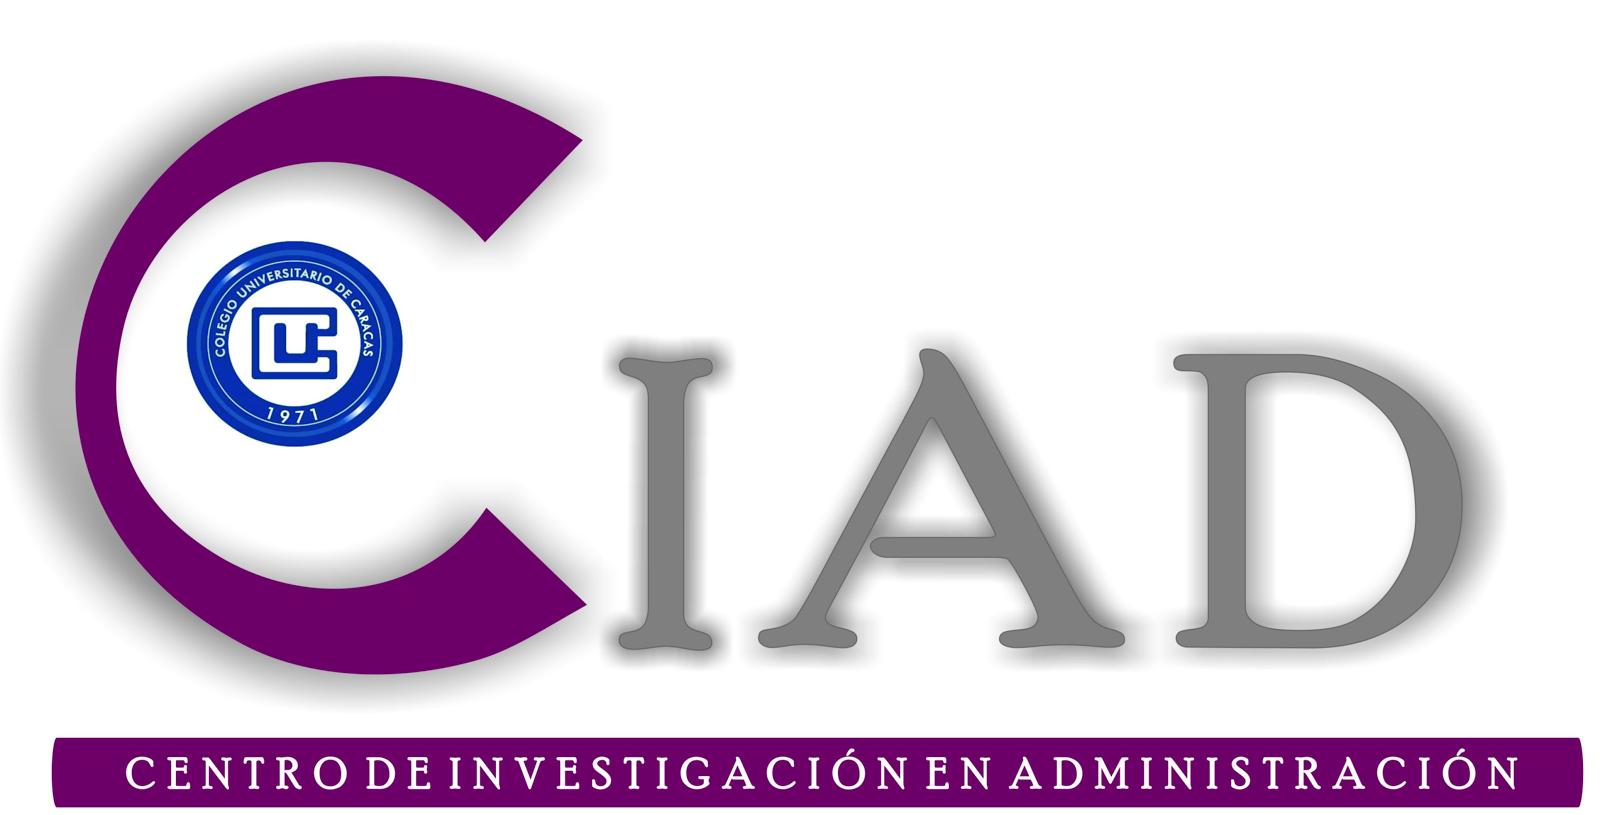 CIAD, Centro de Investigación en Administración